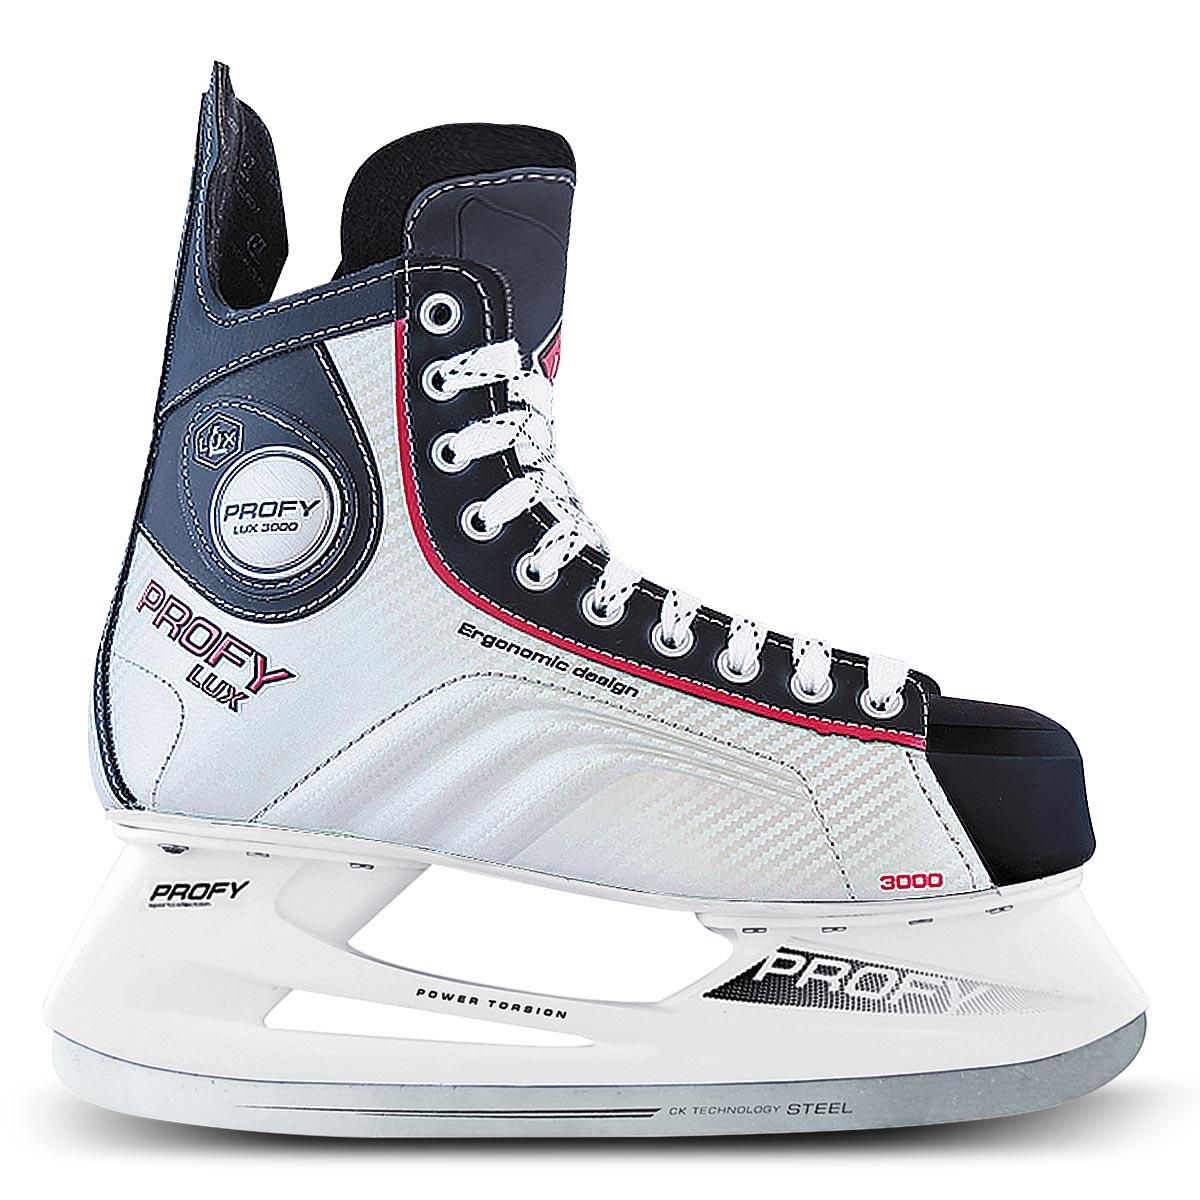 Коньки хоккейные мужские СК Profy Lux 3000, цвет: черный, серебряный, красный. Размер 42Atemi Force 3.0 2012 Black-GrayКоньки хоккейные мужские СК Profy Lux 3000 прекрасно подойдут для профессиональных игроков в хоккей. Ботинок выполнен из морозоустойчивой искусственной кожи и специального резистентного ПВХ, а язычок - из двухслойного войлока и искусственной кожи. Слоевая композитная технология позволила изготовить ботинок, полностью обволакивающий ногу. Это обеспечивает прочную и удобную фиксацию ноги, повышает защиту от ударов. Ботинок изготовлен с учетом антропометрии стоп россиян, что обеспечивает комфорт и устойчивость ноги, правильное распределение нагрузки, сильно снижает травмоопасность. Конструкция носка ботинка, изготовленного из ударопрочного энергопоглощающего термопластичного полиуретана Hytrel® (DuPont), обеспечивает увеличенную надежность защиты передней части ступни от ударов. Усиленные боковины ботинка из формованного PVC укрепляют боковую часть ботинка и дополнительно защищают ступню от ударов за счет поглощения энергии. Тип застежки ботинок – классическая шнуровка. Стелька из упругого пенного полимерного материала EVA гарантирует комфортное положение ноги в ботинке, обеспечивает быструю адаптацию ботинка к индивидуальным формам ноги, не теряет упругости при изменении температуры и не разрушается от воздействия пота и влаги. Легкая прочная низкопрофильная полимерная подошва инжекционного формования практически без потерь передает энергию от толчка ноги к лезвию – быстрее набор скорости, резче повороты и остановки, острее чувство льда. Лезвие из нержавеющей стали 420J обеспечит превосходное скольжение.